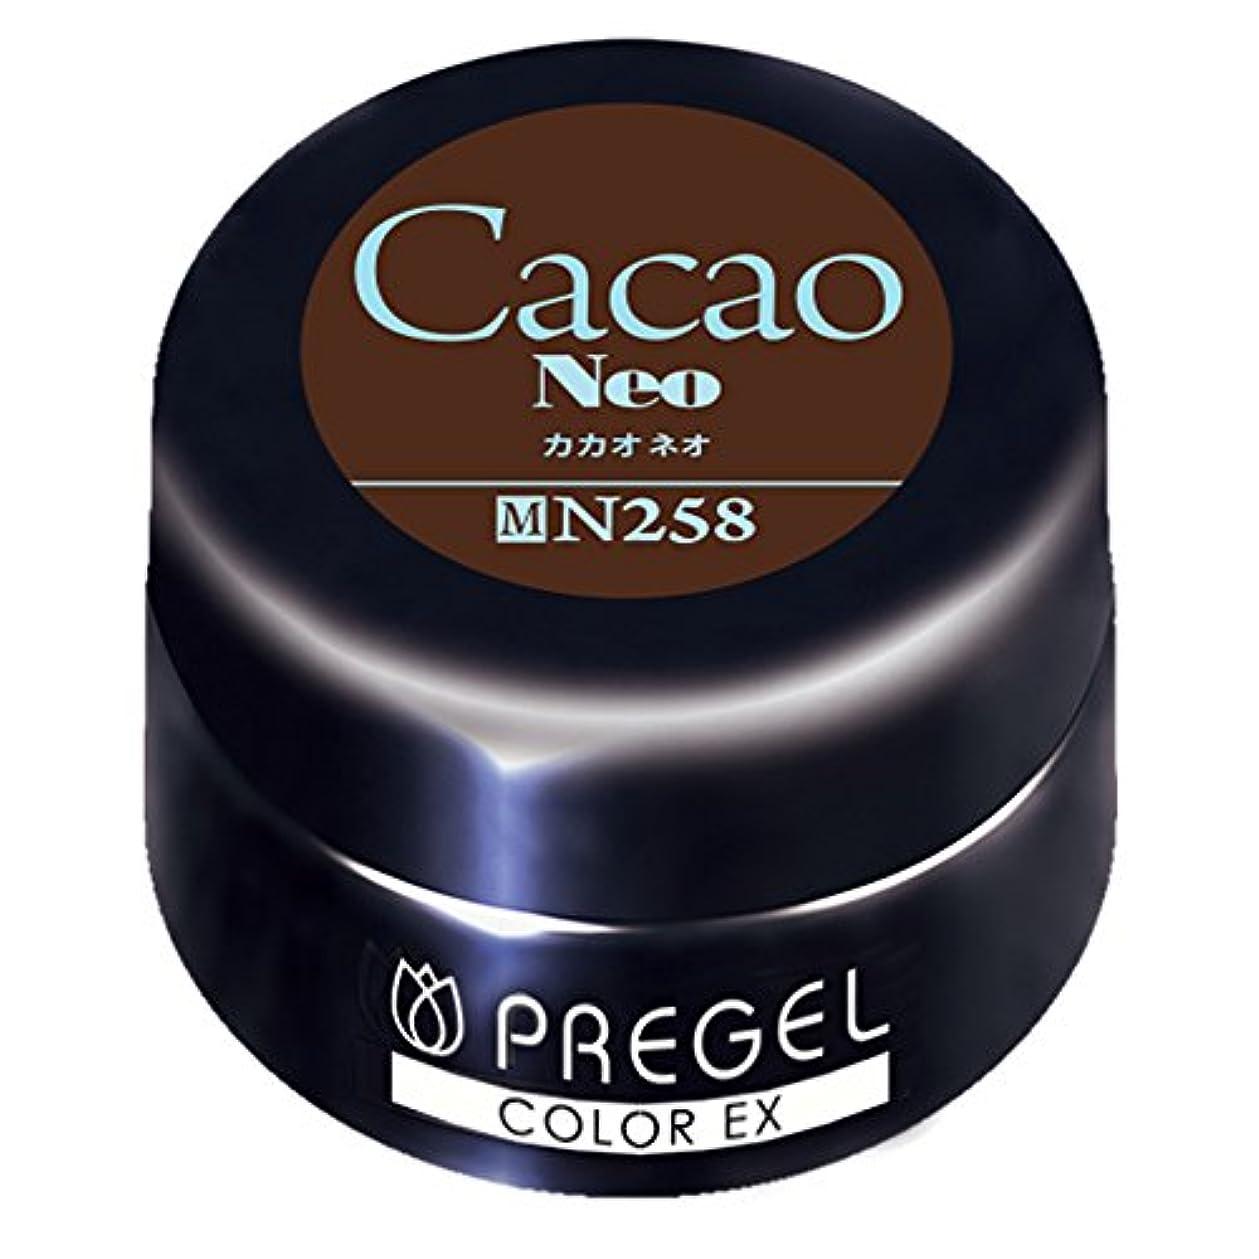 発言する早い白菜PRE GEL カラーEX カカオneo 258 4g UV/LED対応